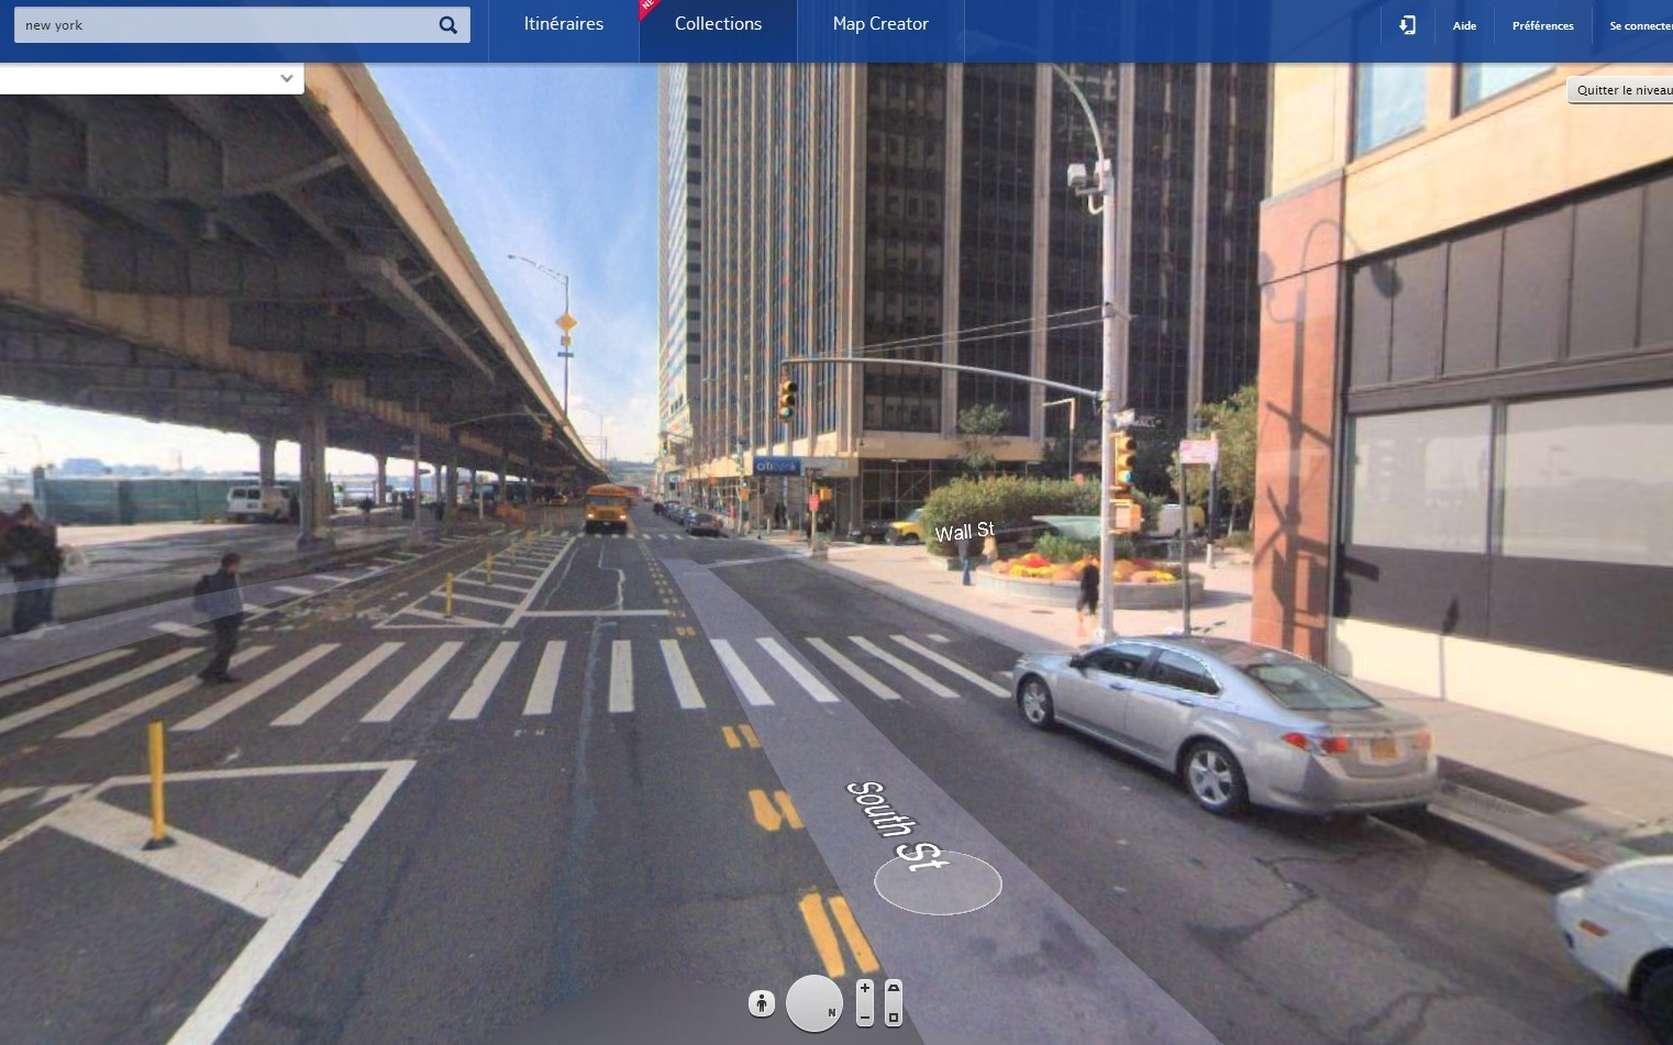 Here dispose également d'une vue à 360° des rues de quelques grandes villes. Le système ressemble fort à celui de Google avec son Street View. Pour le moment Here est disponible via le navigateur Web d'un ordinateur, d'une tablette ou d'un smartphone. Dans peu de temps, en plus de Windows Phone et de ses propres téléphones, Nokia proposera une application native pour iOS, Android et même Firefox OS, le futur système d'exploitation pour smartphone de Mozilla. © Eureka Presse